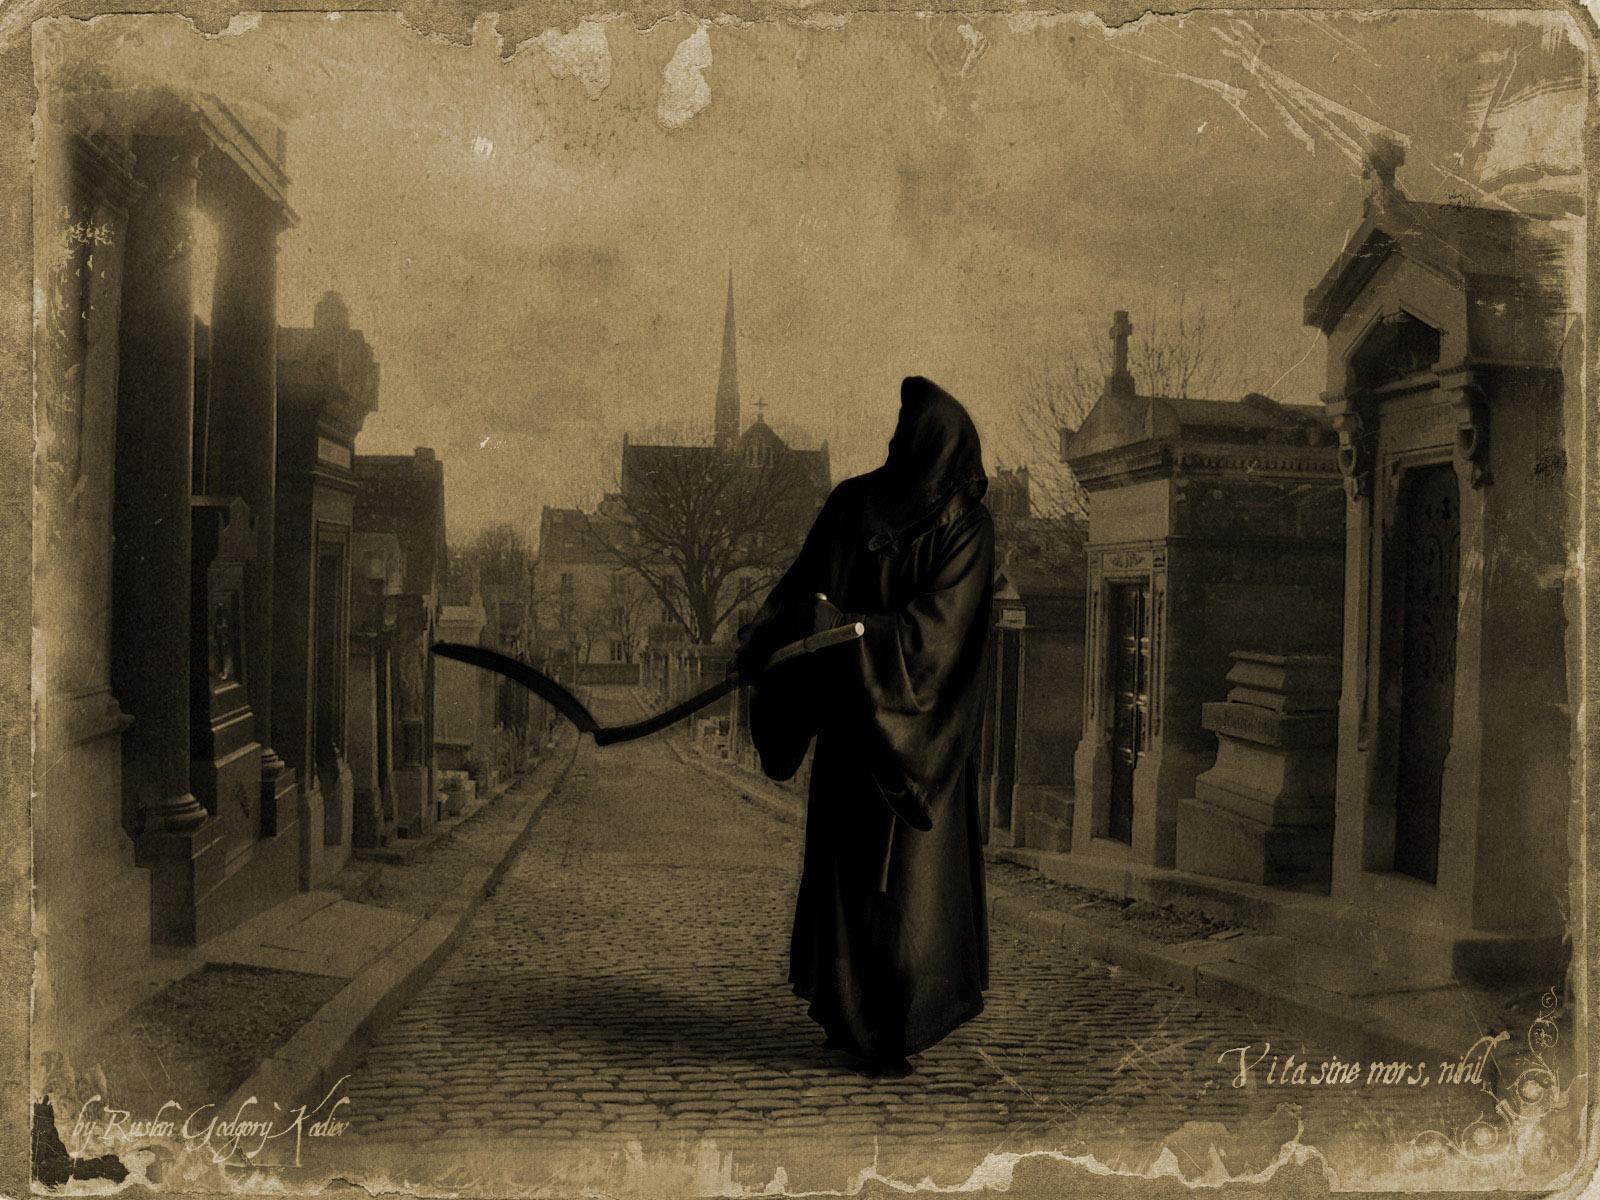 Grim Reaper Computer Wallpapers Desktop Backgrounds 1600x1200 ID 1600x1200